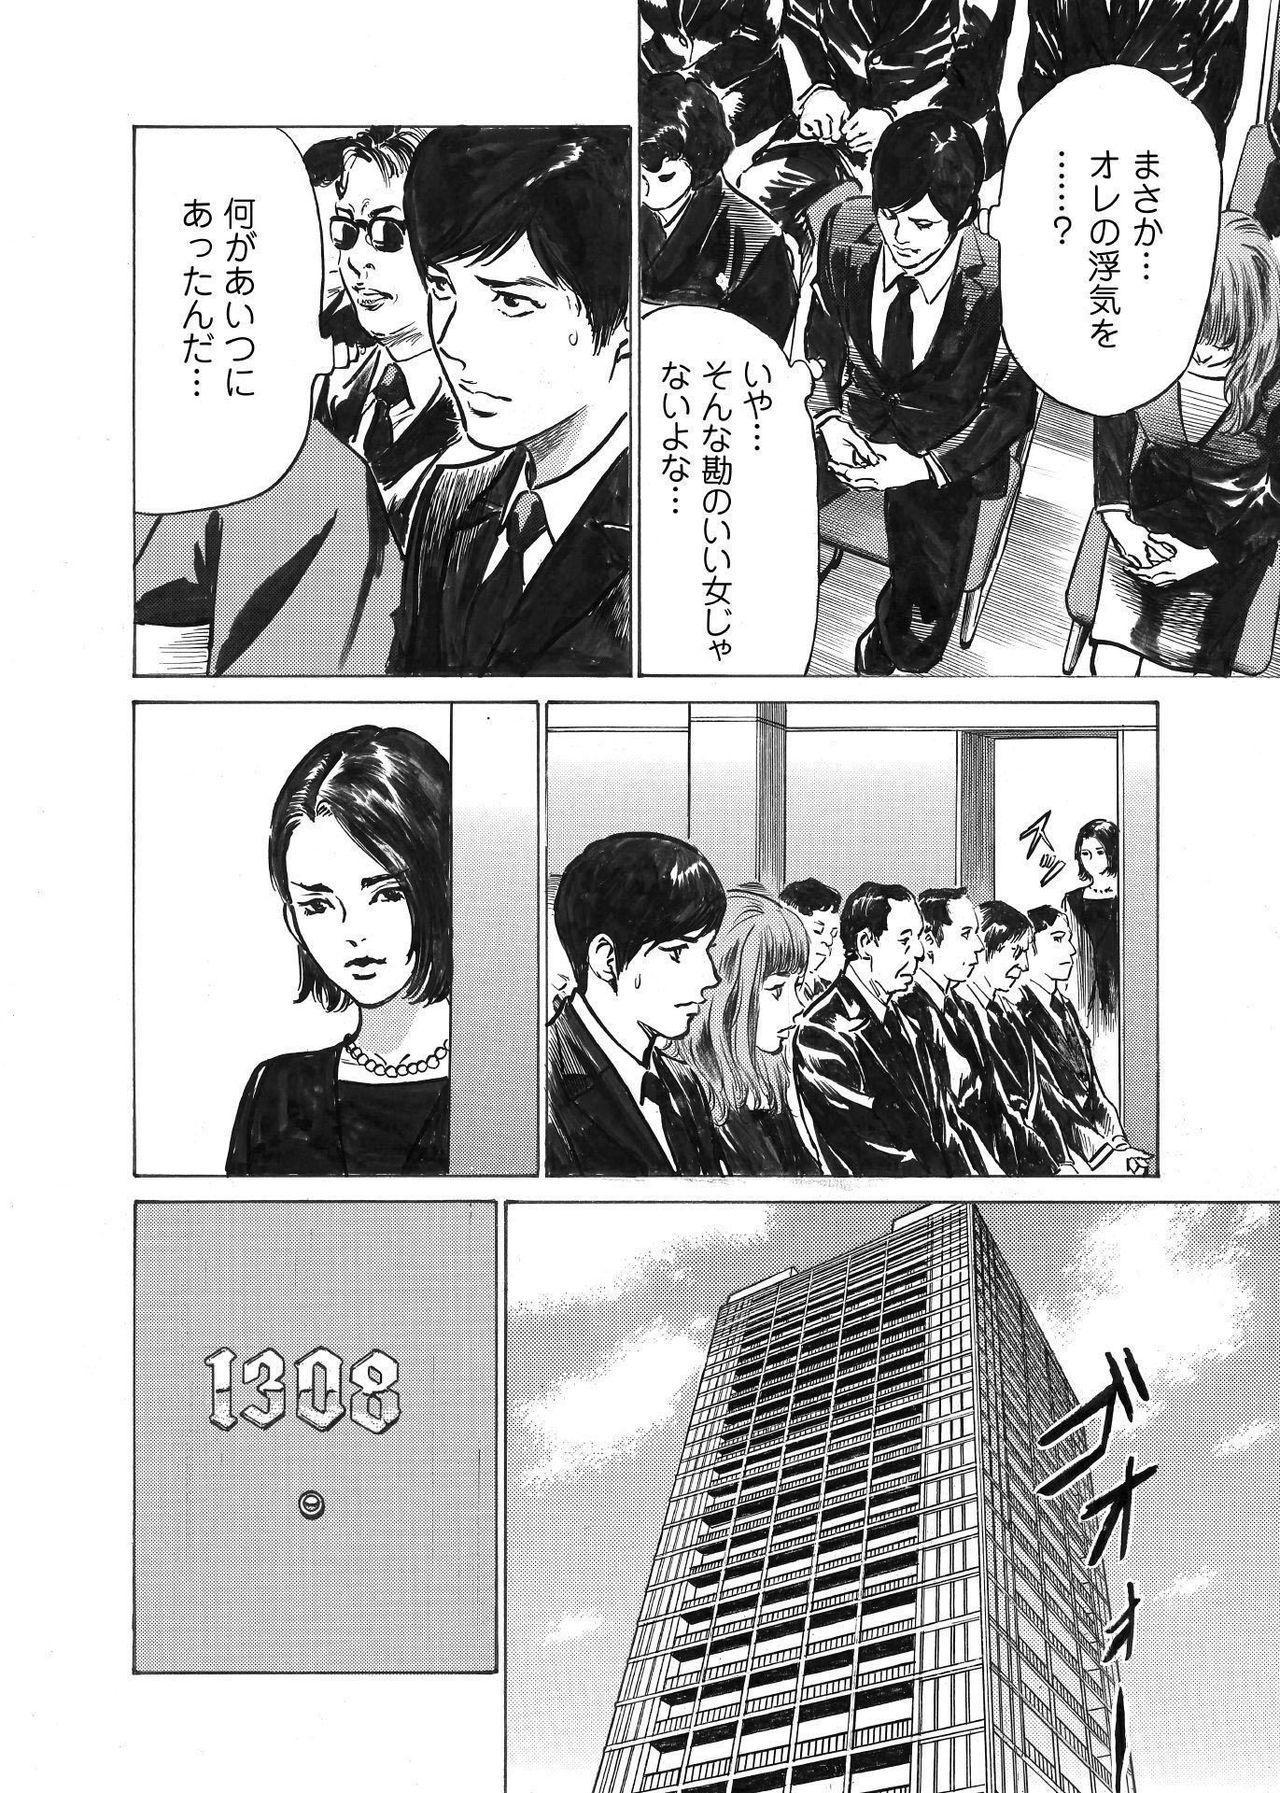 Ore wa Tsuma no Koto o Yoku Shiranai 1-9 9